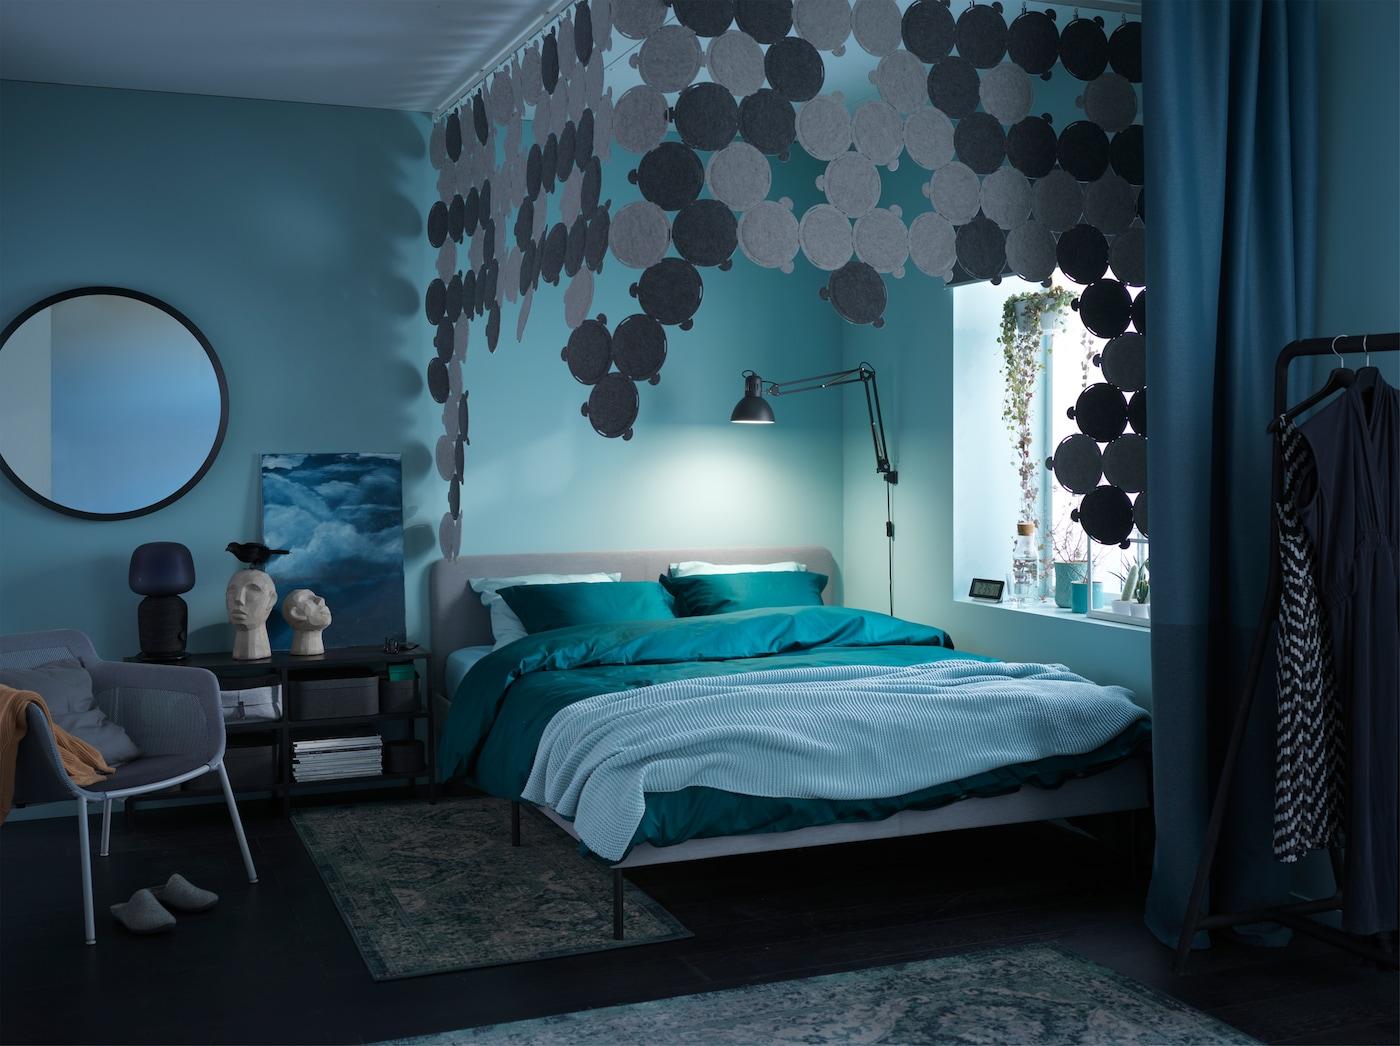 Quarto escuro e acolhedor, coberto de têxteis em verde e azul, painéis para absorver som e tapetes confortáveis.